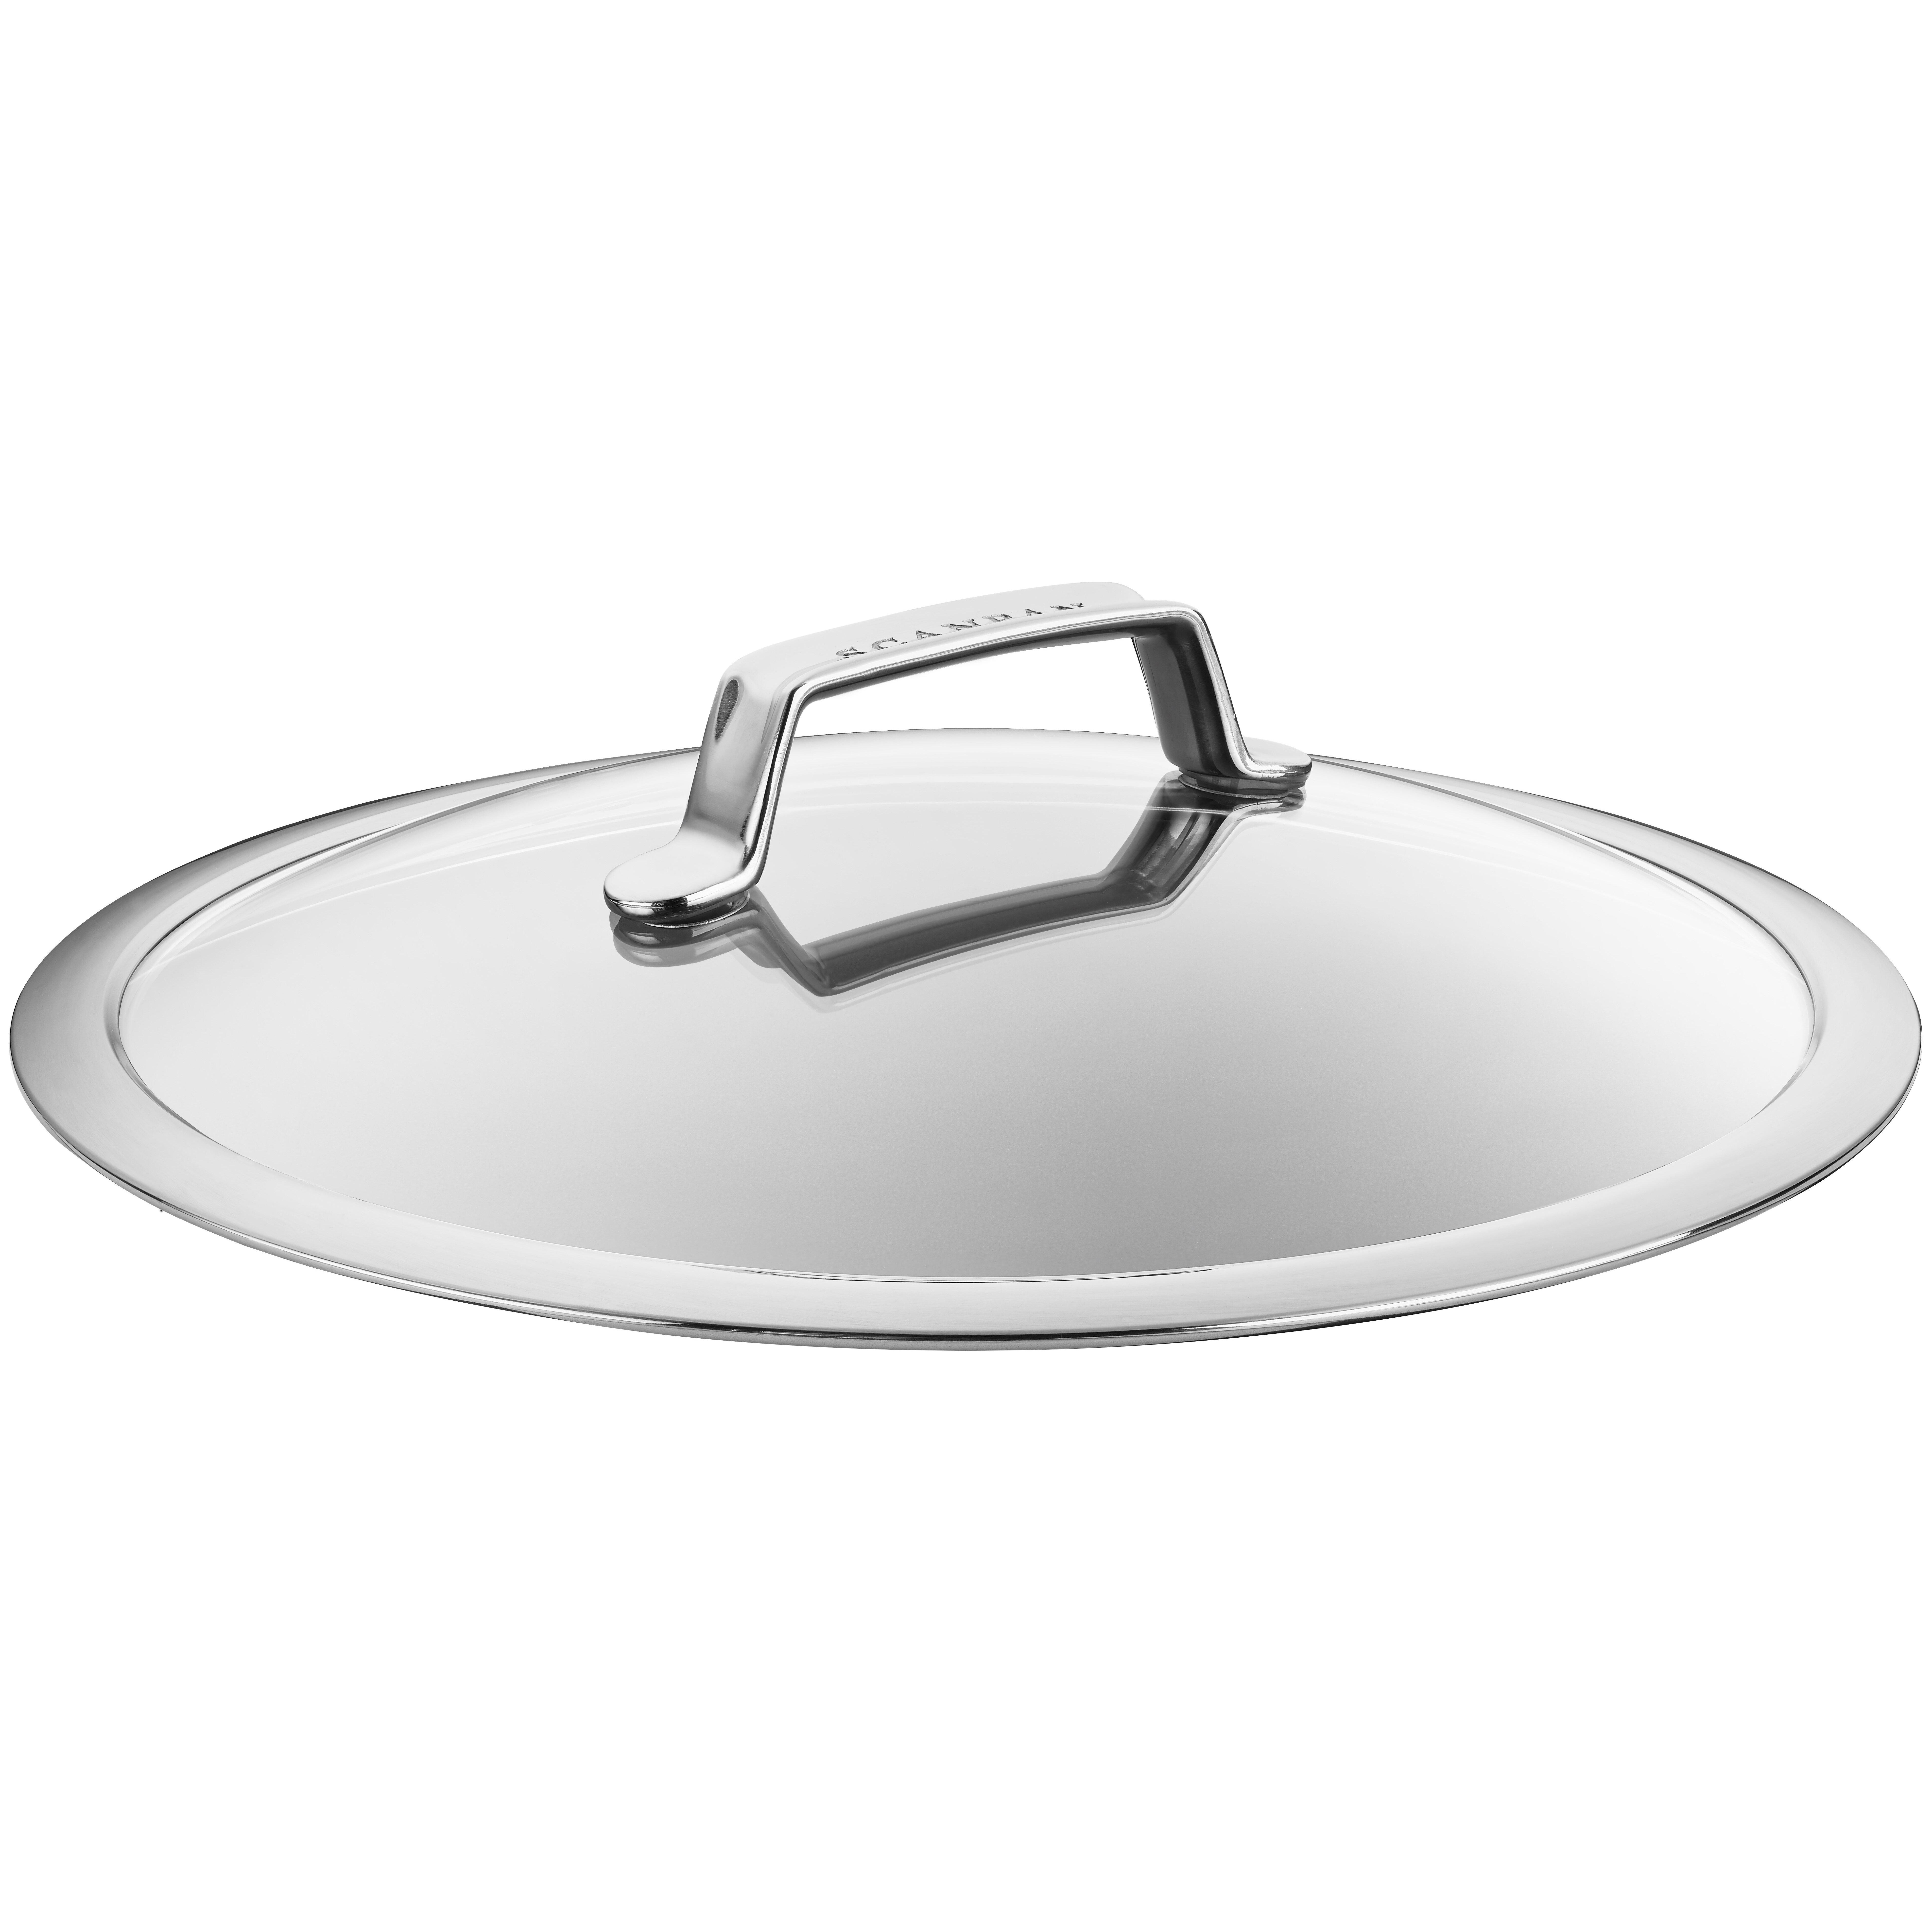 купить крышку для сковородки 32 см